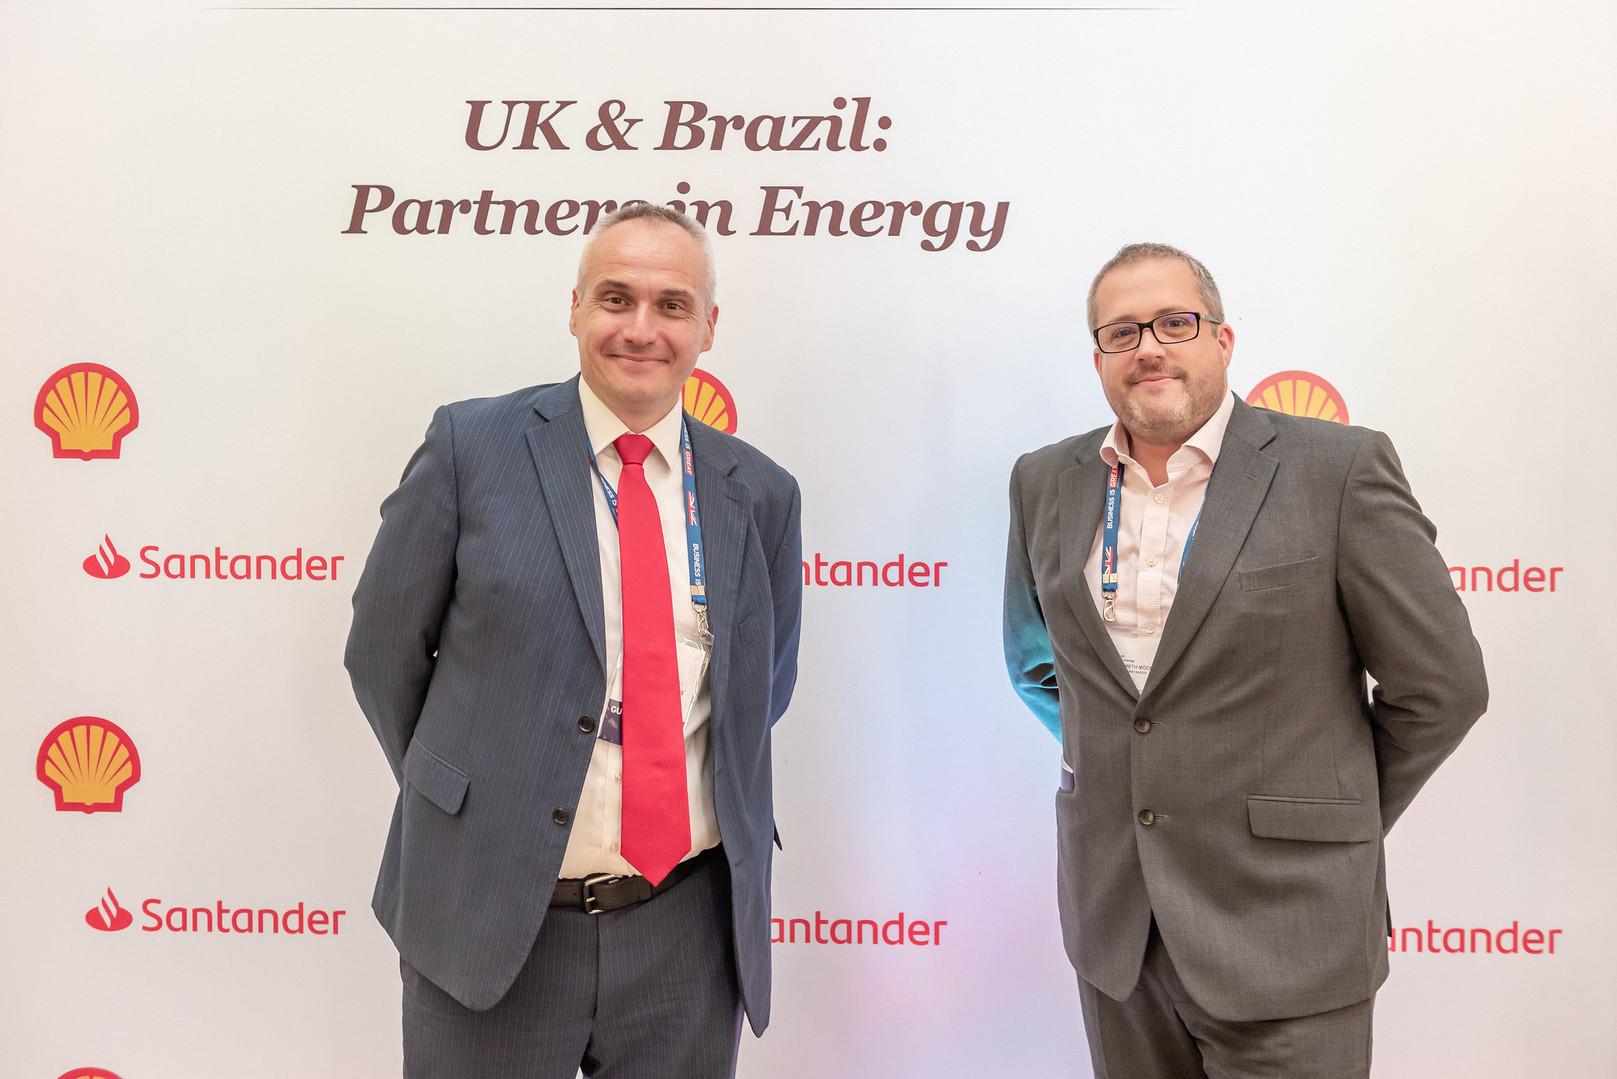 UK & Brazil: Partners in Energy 2019